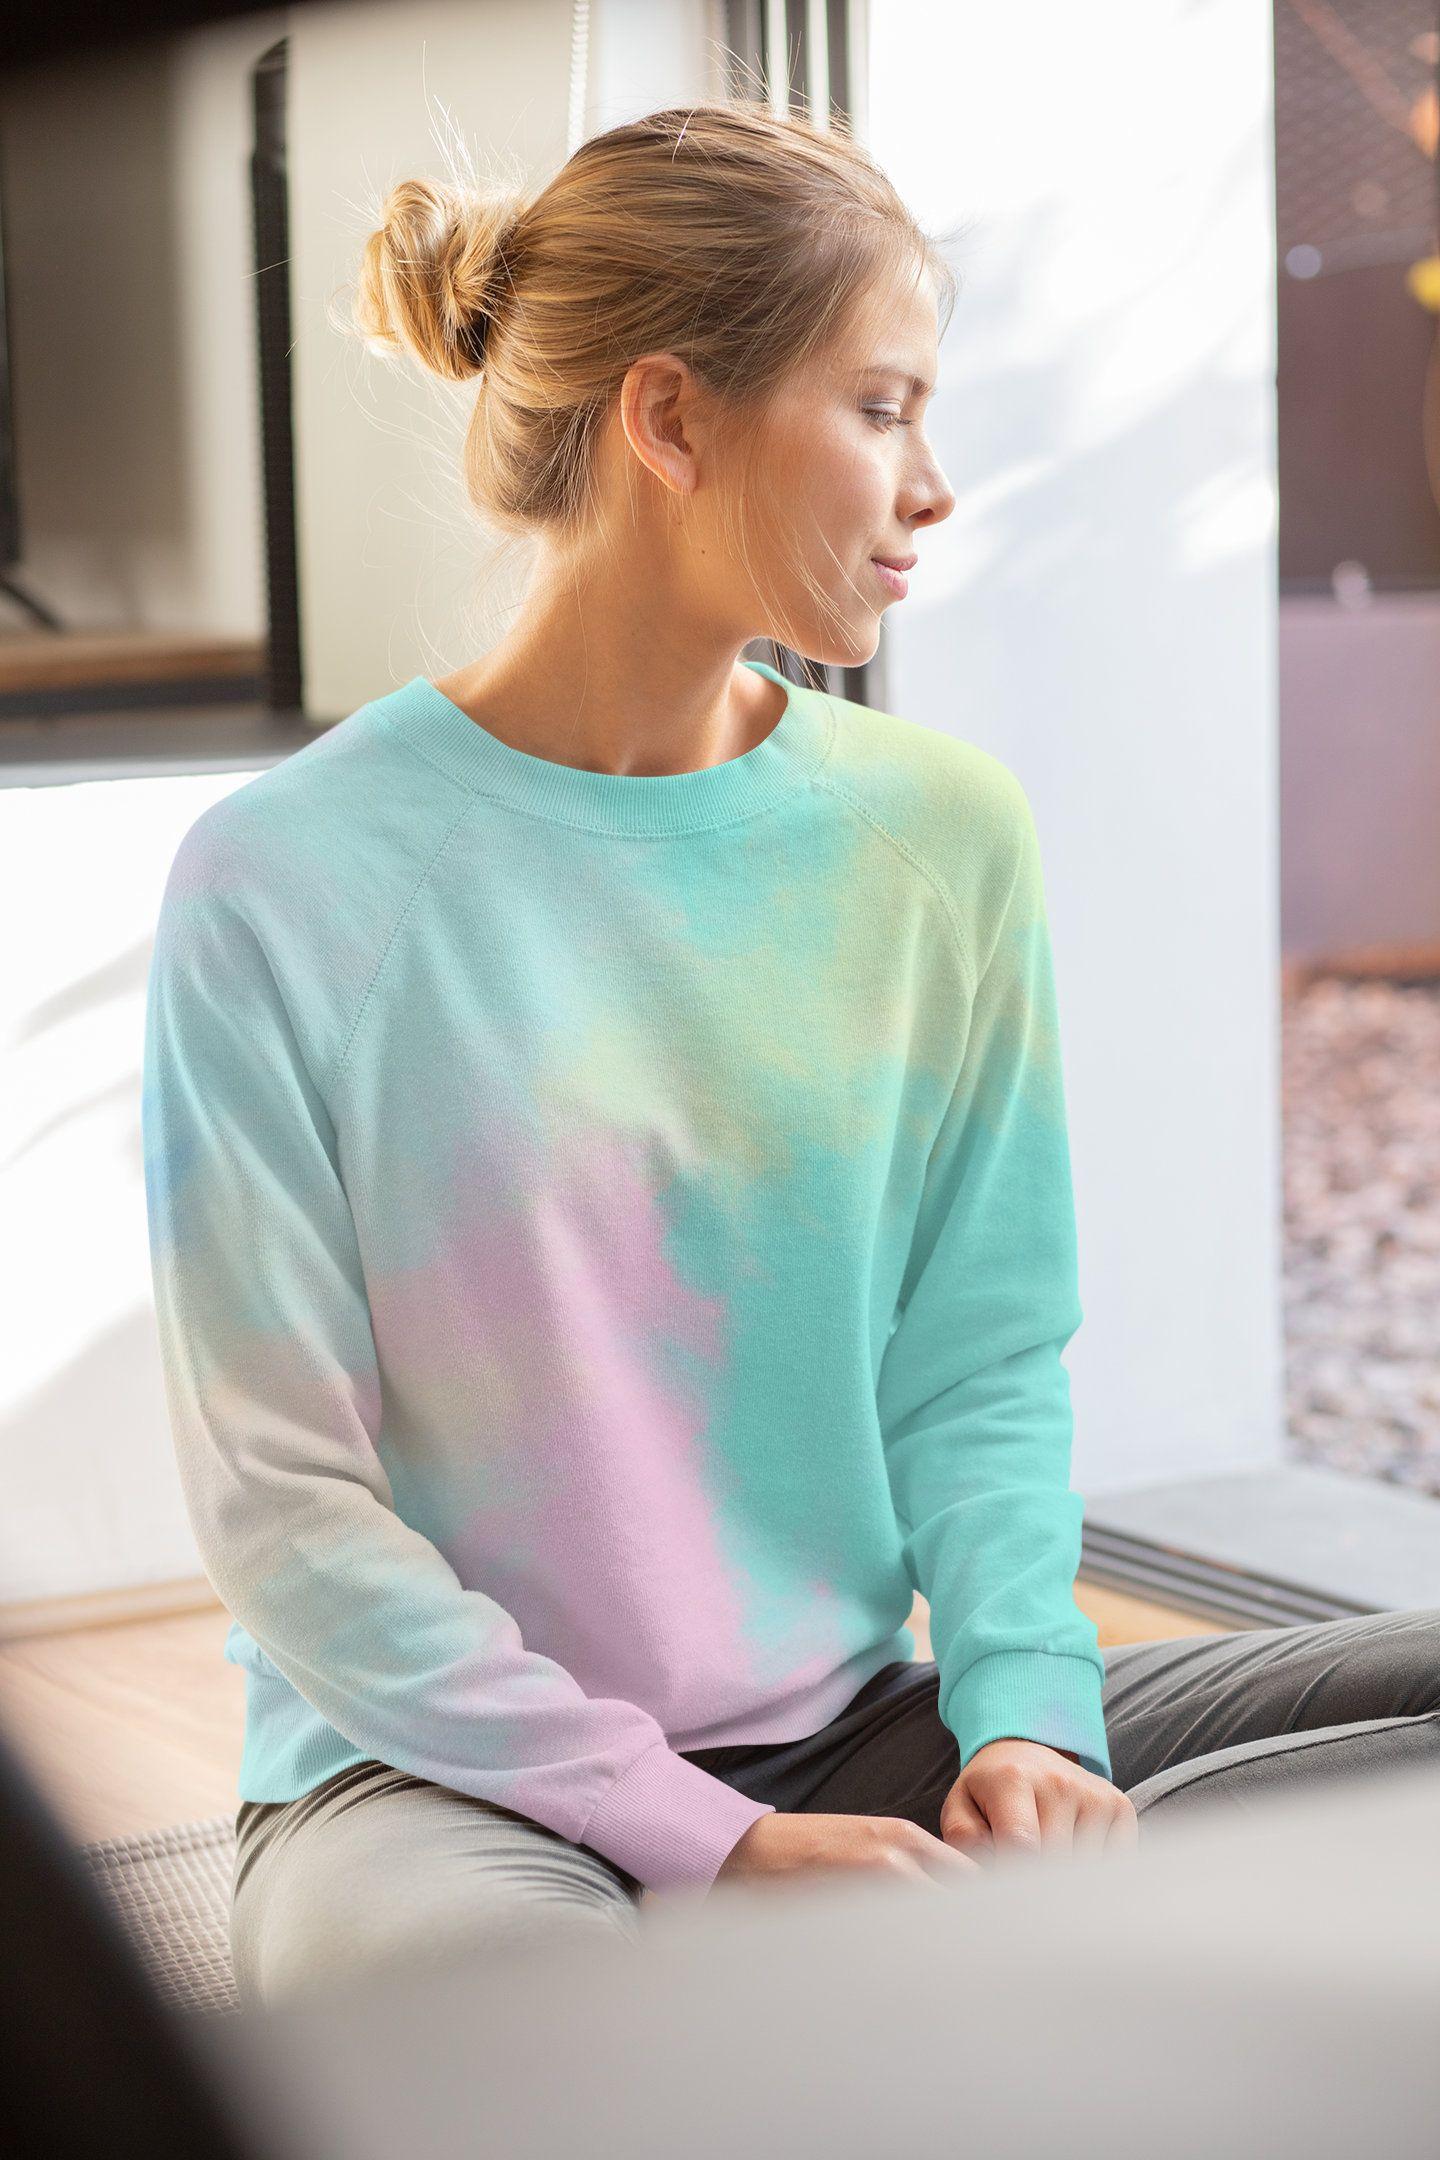 Vanilla Sky Unisex Sweatshirt Cotton Candy Women S Sweatshirt Tie Dye Design Unisex Pullover Unisex Swea Tie Dye Designs Sweatshirts Women Unisex Sweatshirt [ 2160 x 1440 Pixel ]